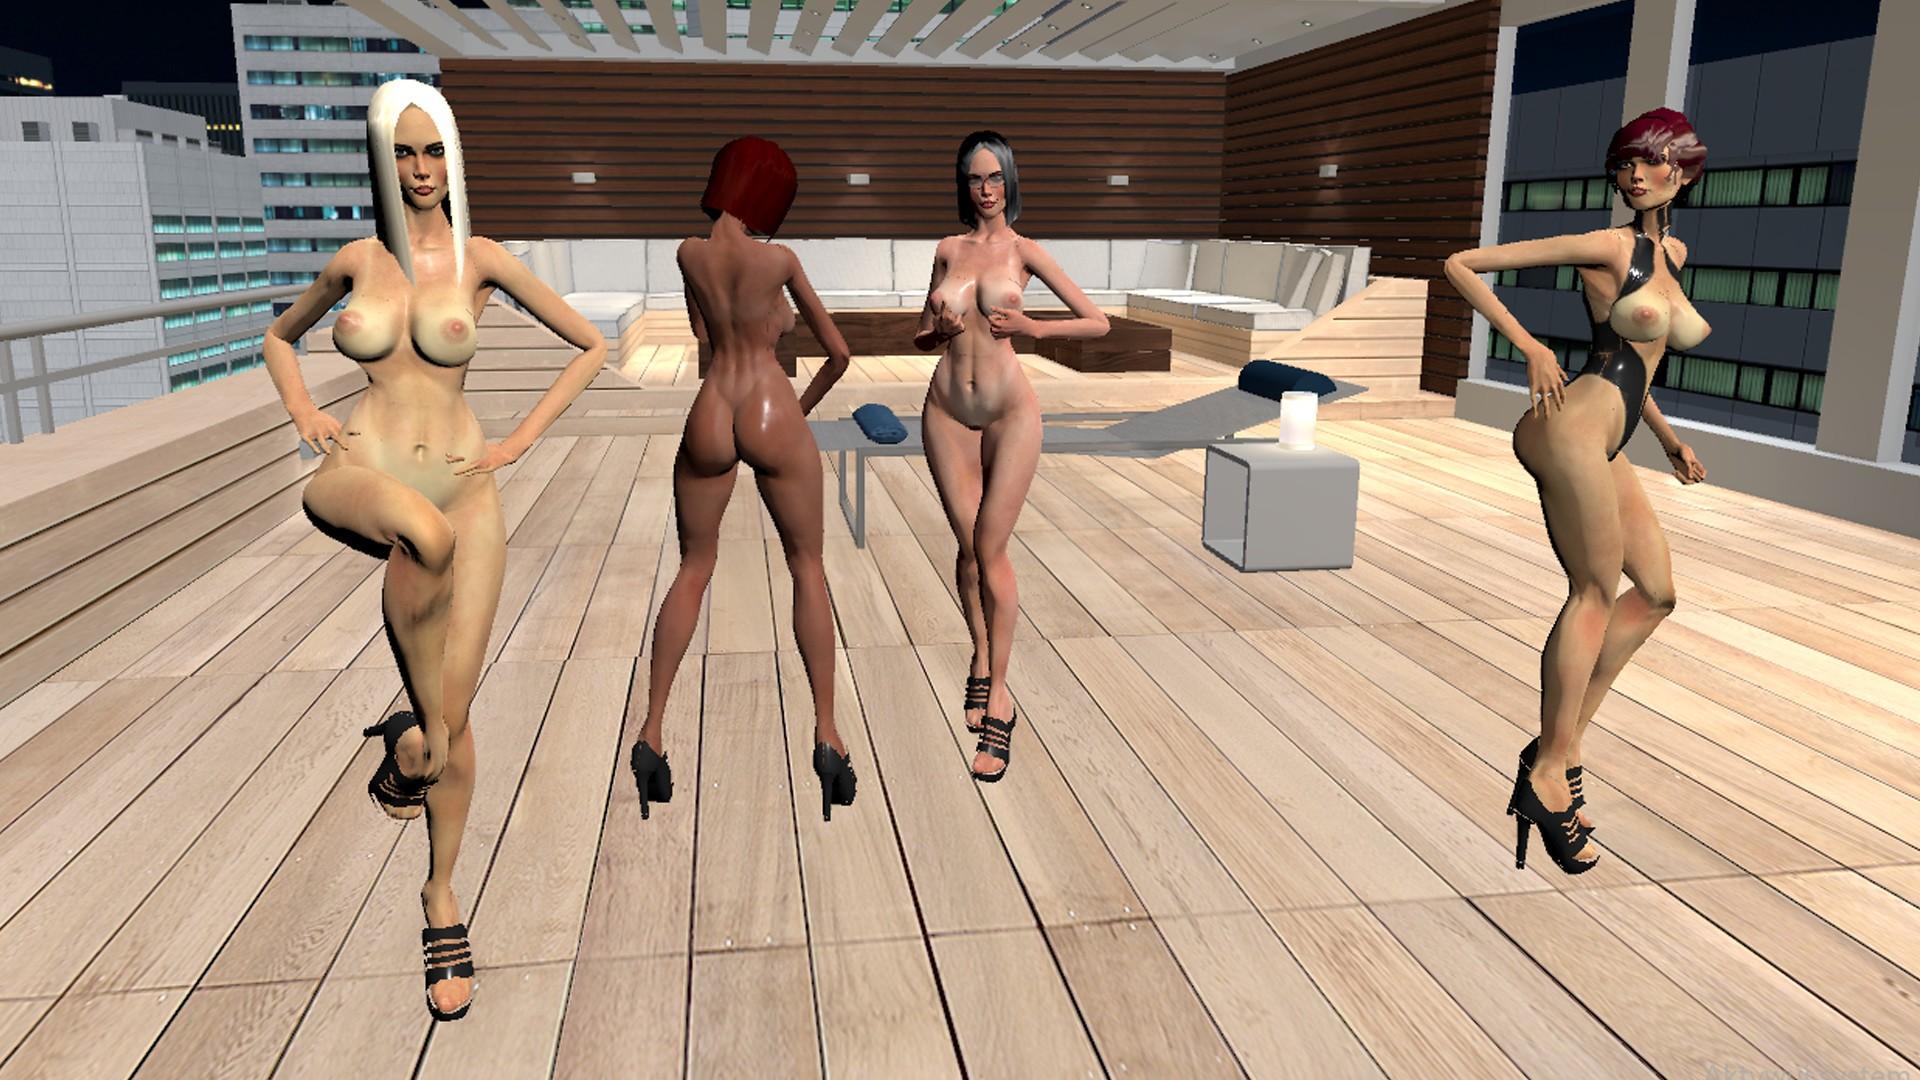 Get nude games